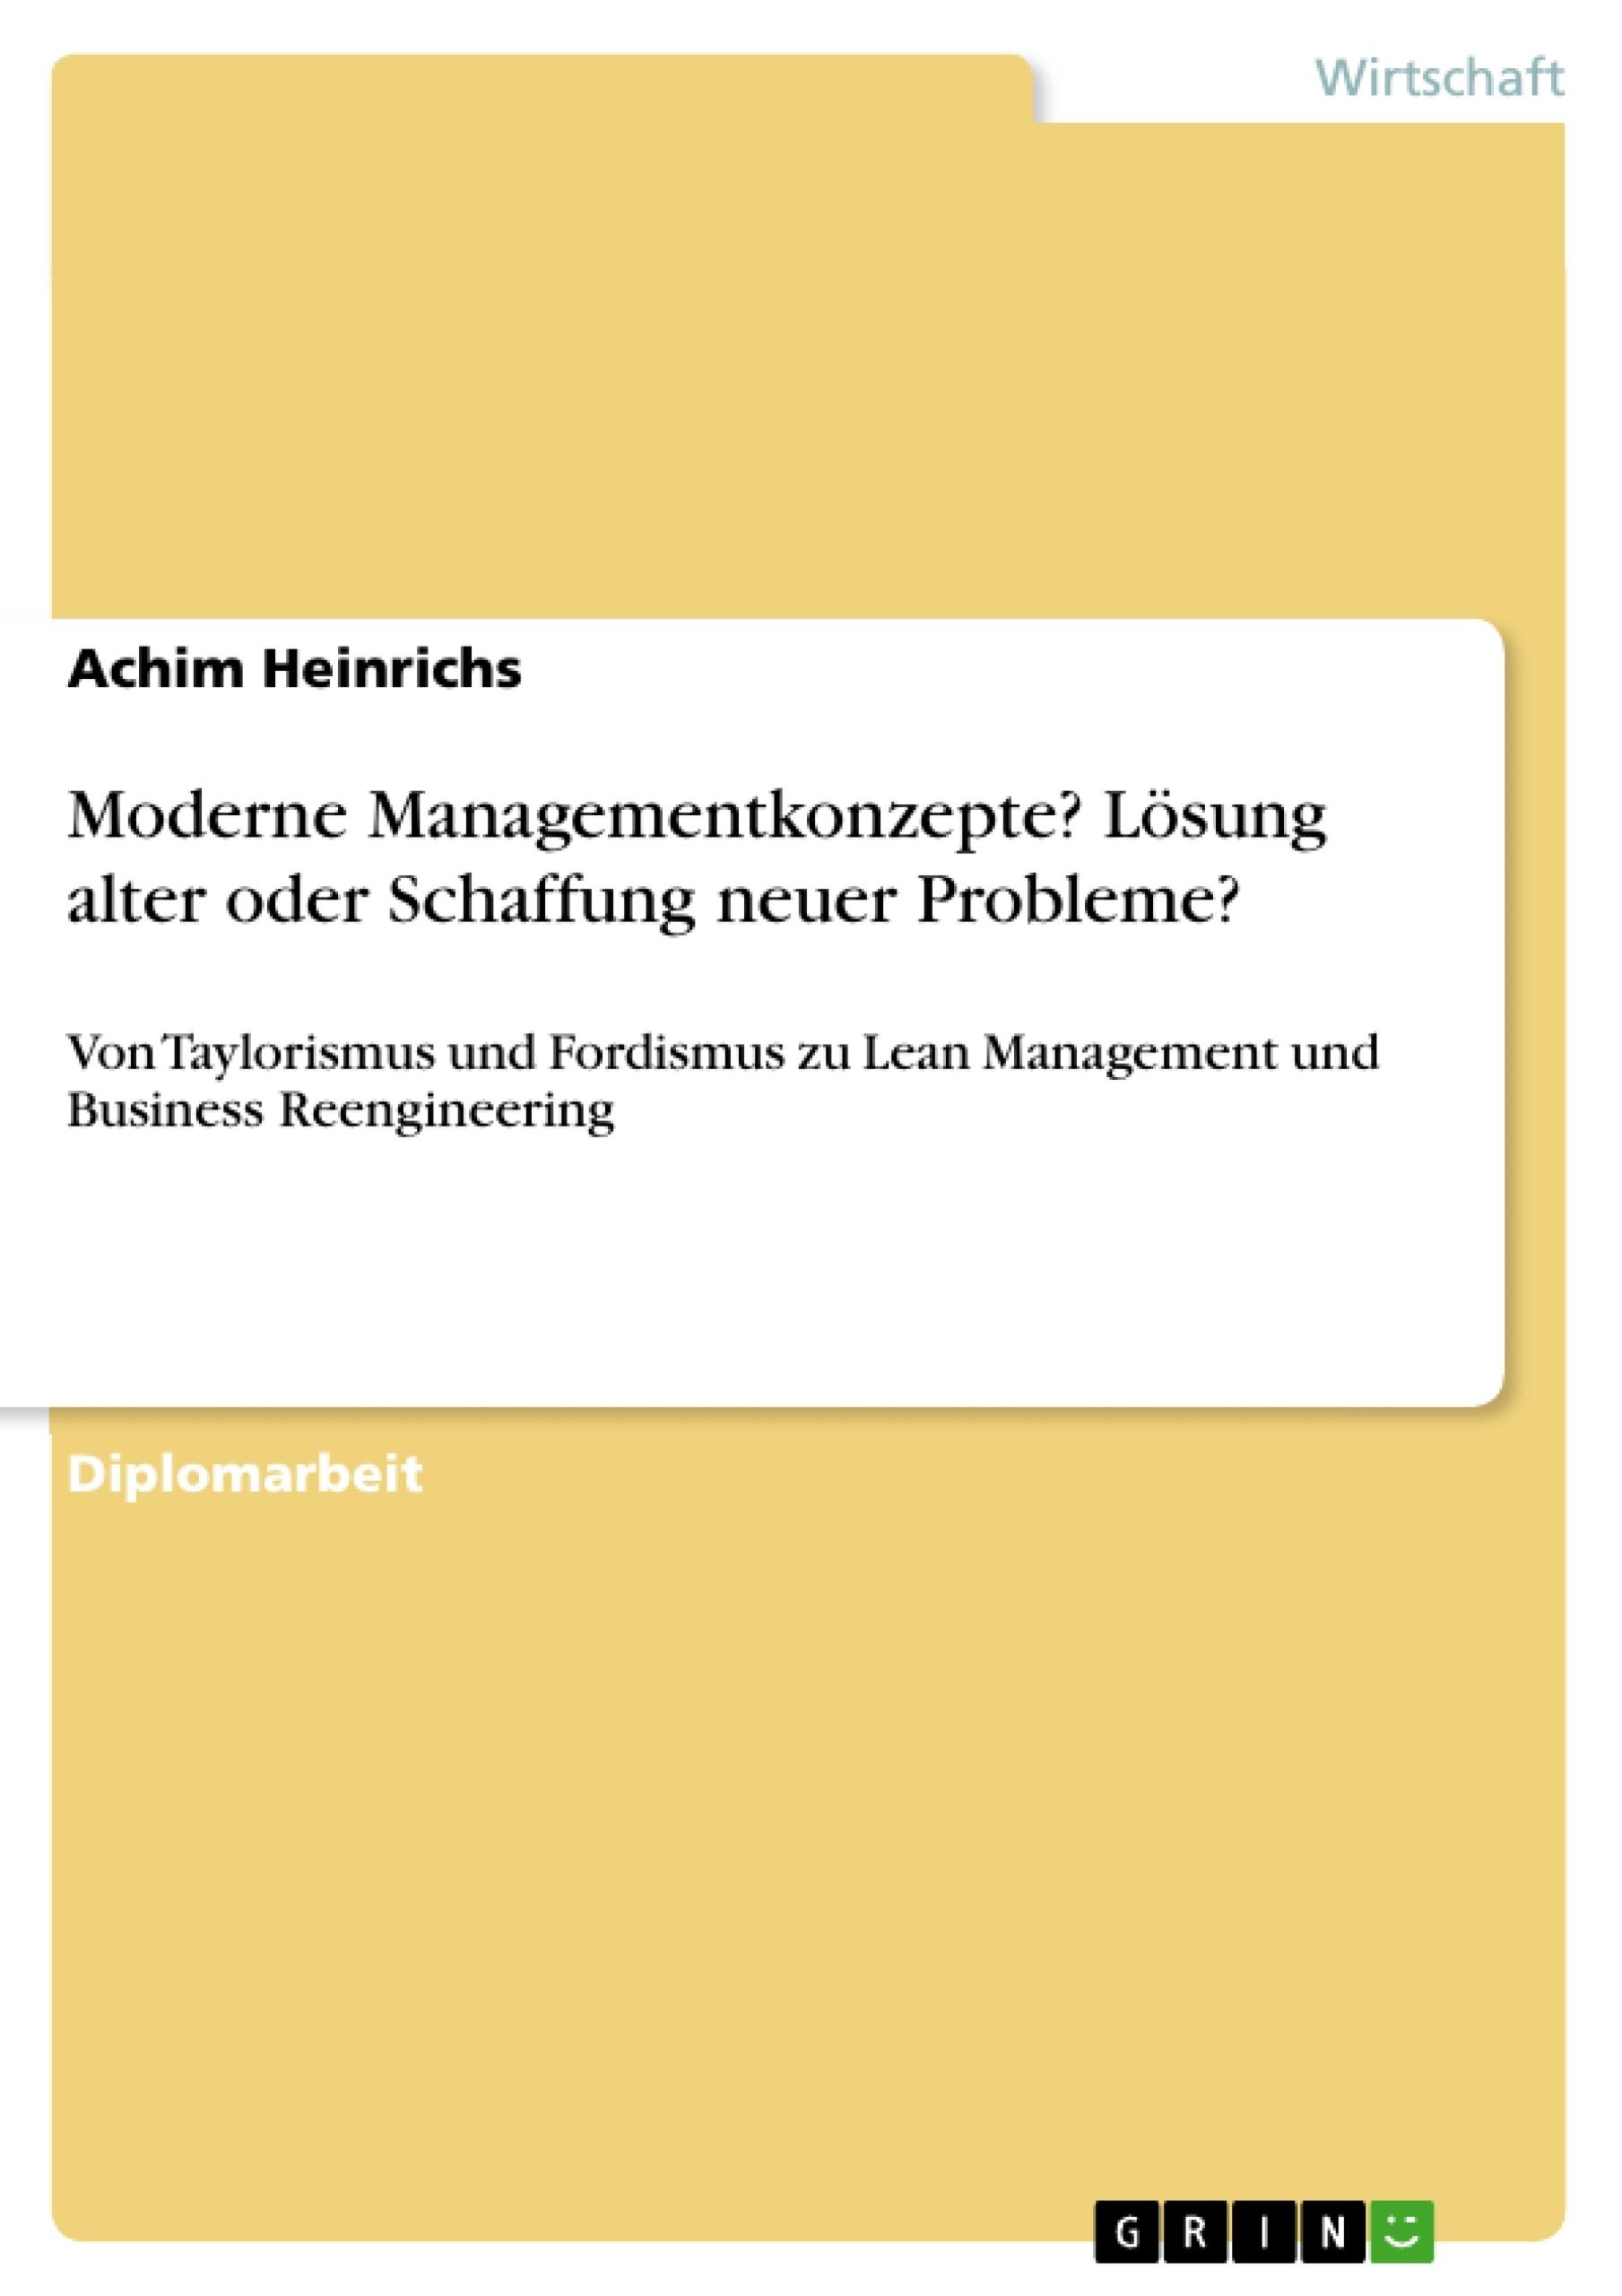 Titel: Moderne Managementkonzepte? Lösung alter  oder Schaffung neuer Probleme?